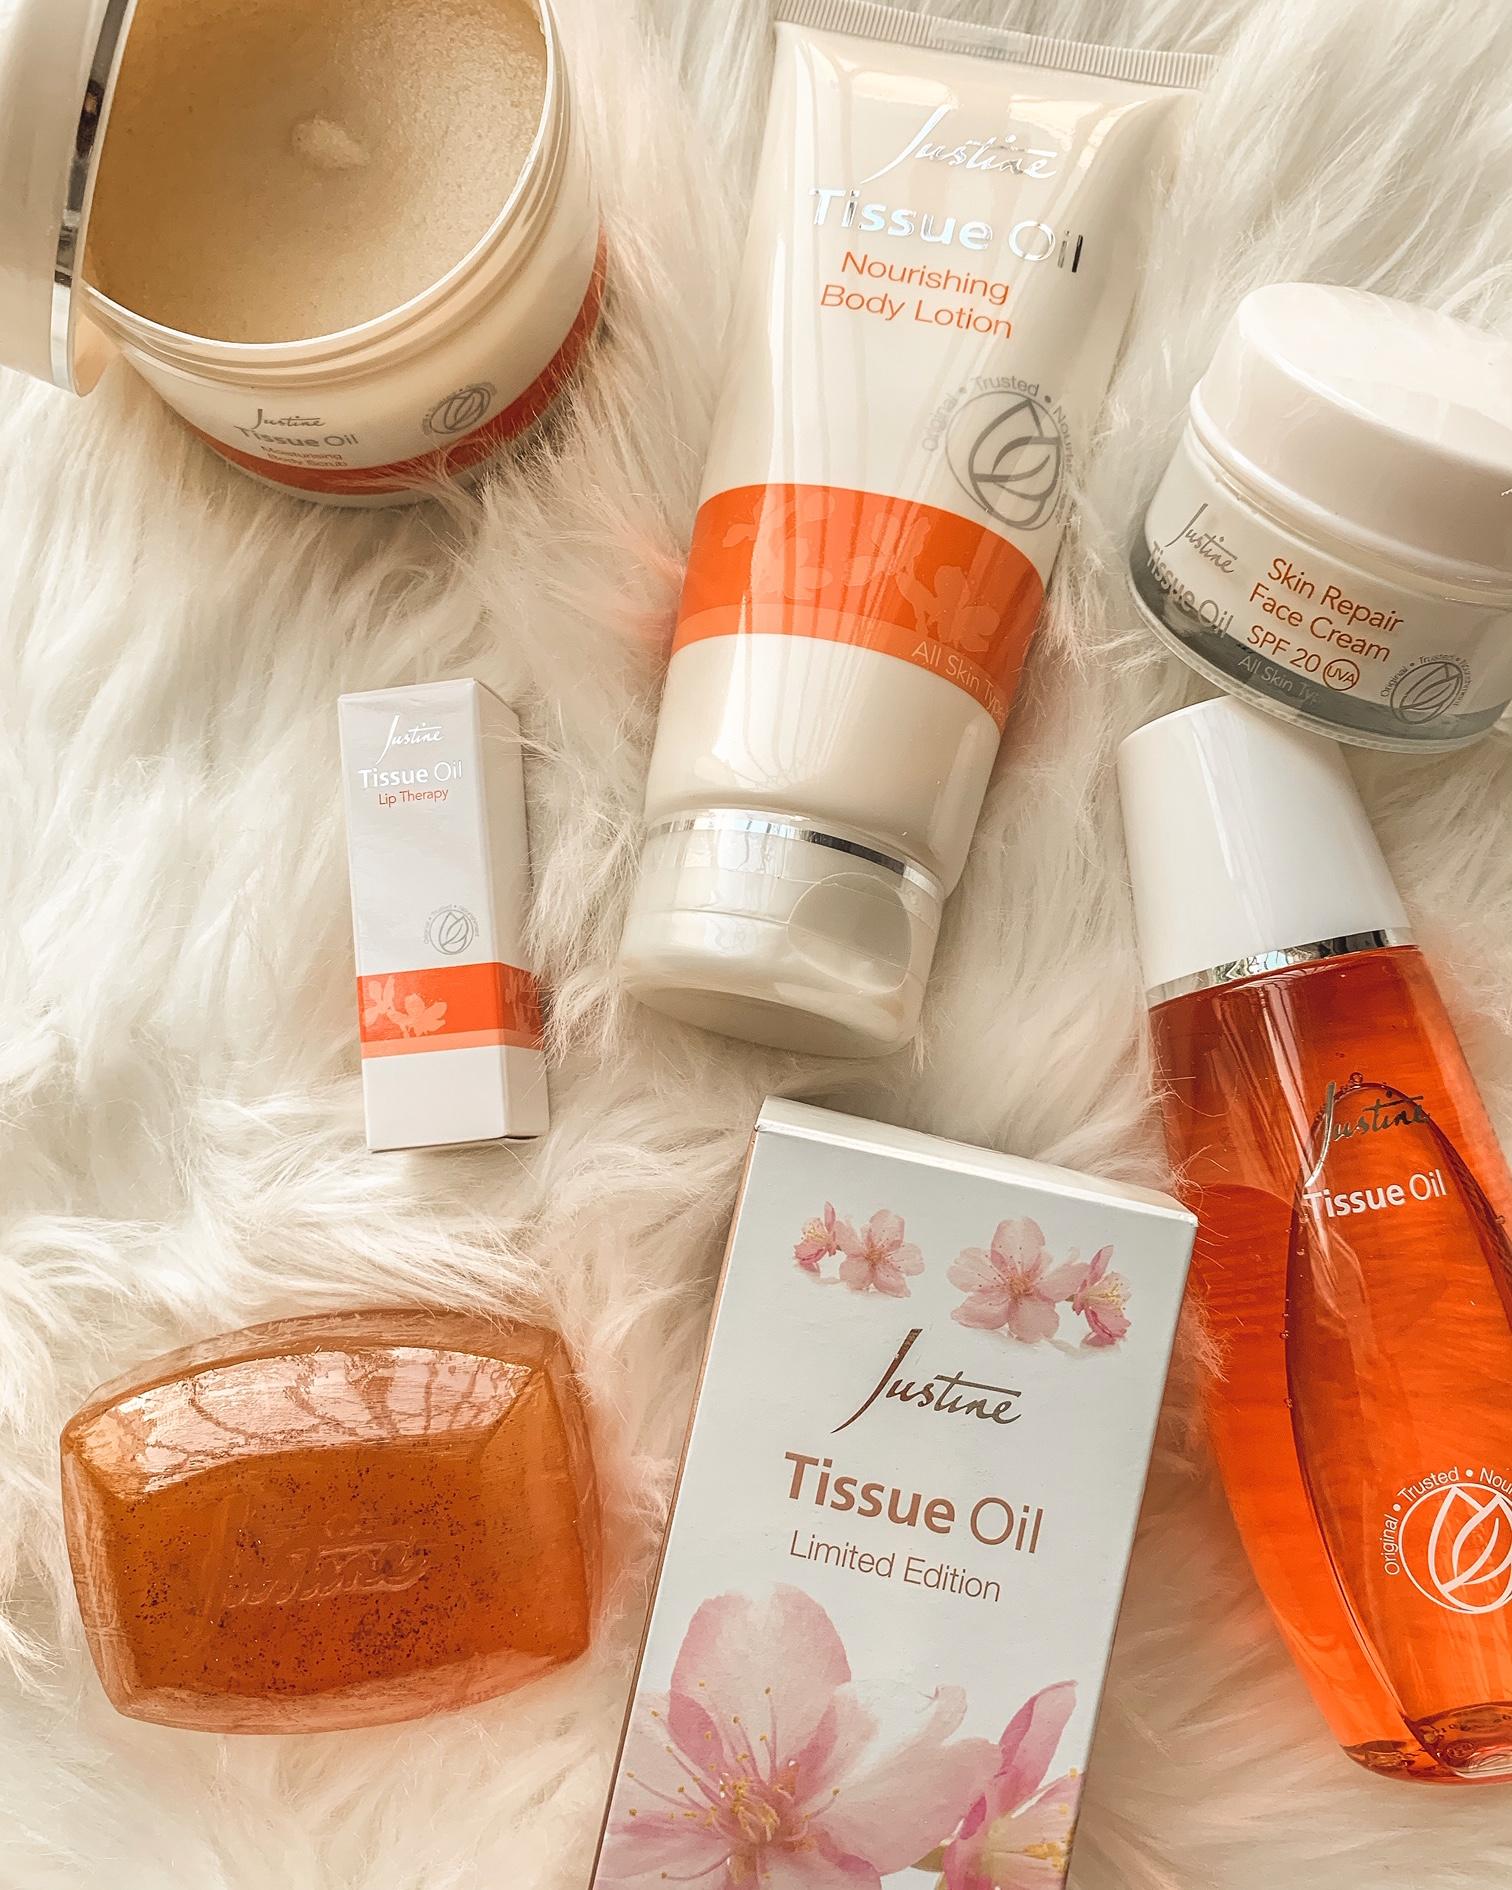 Justine tissue oil